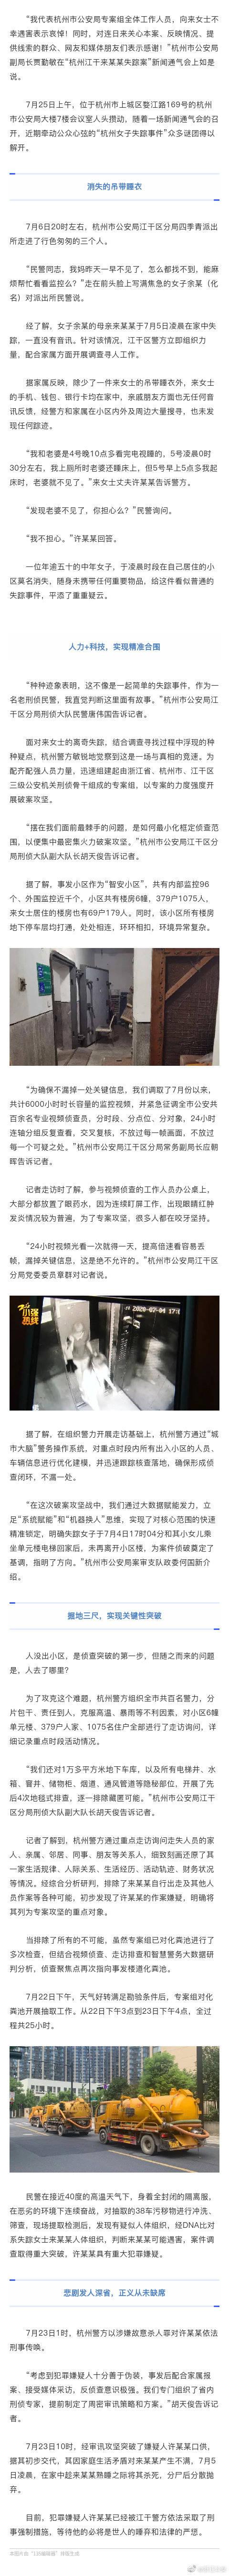 杭州警方披露侦破详情:看6000小时监